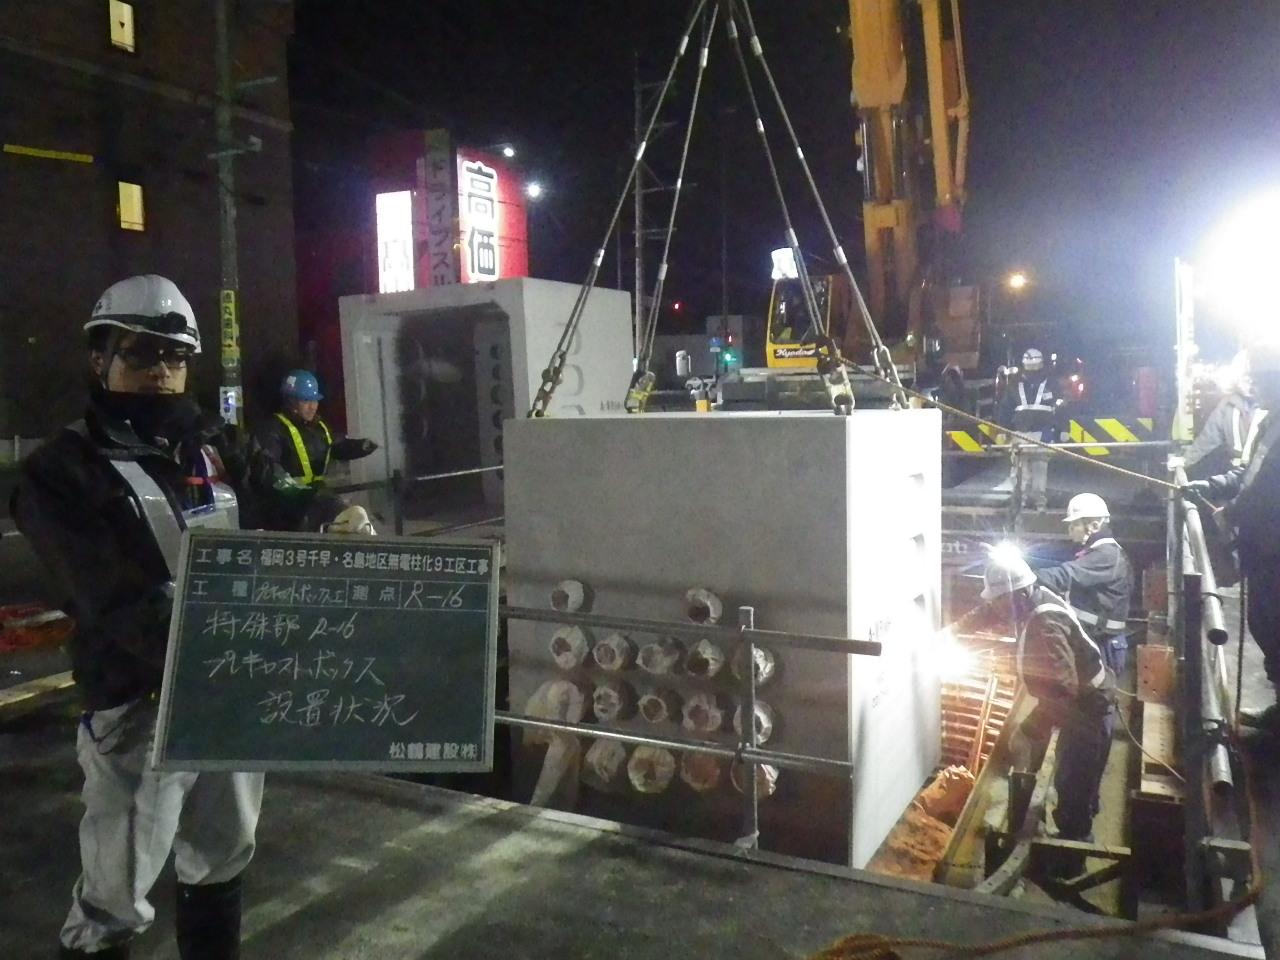 福岡3号千早・名島地区無電柱化9工区工事